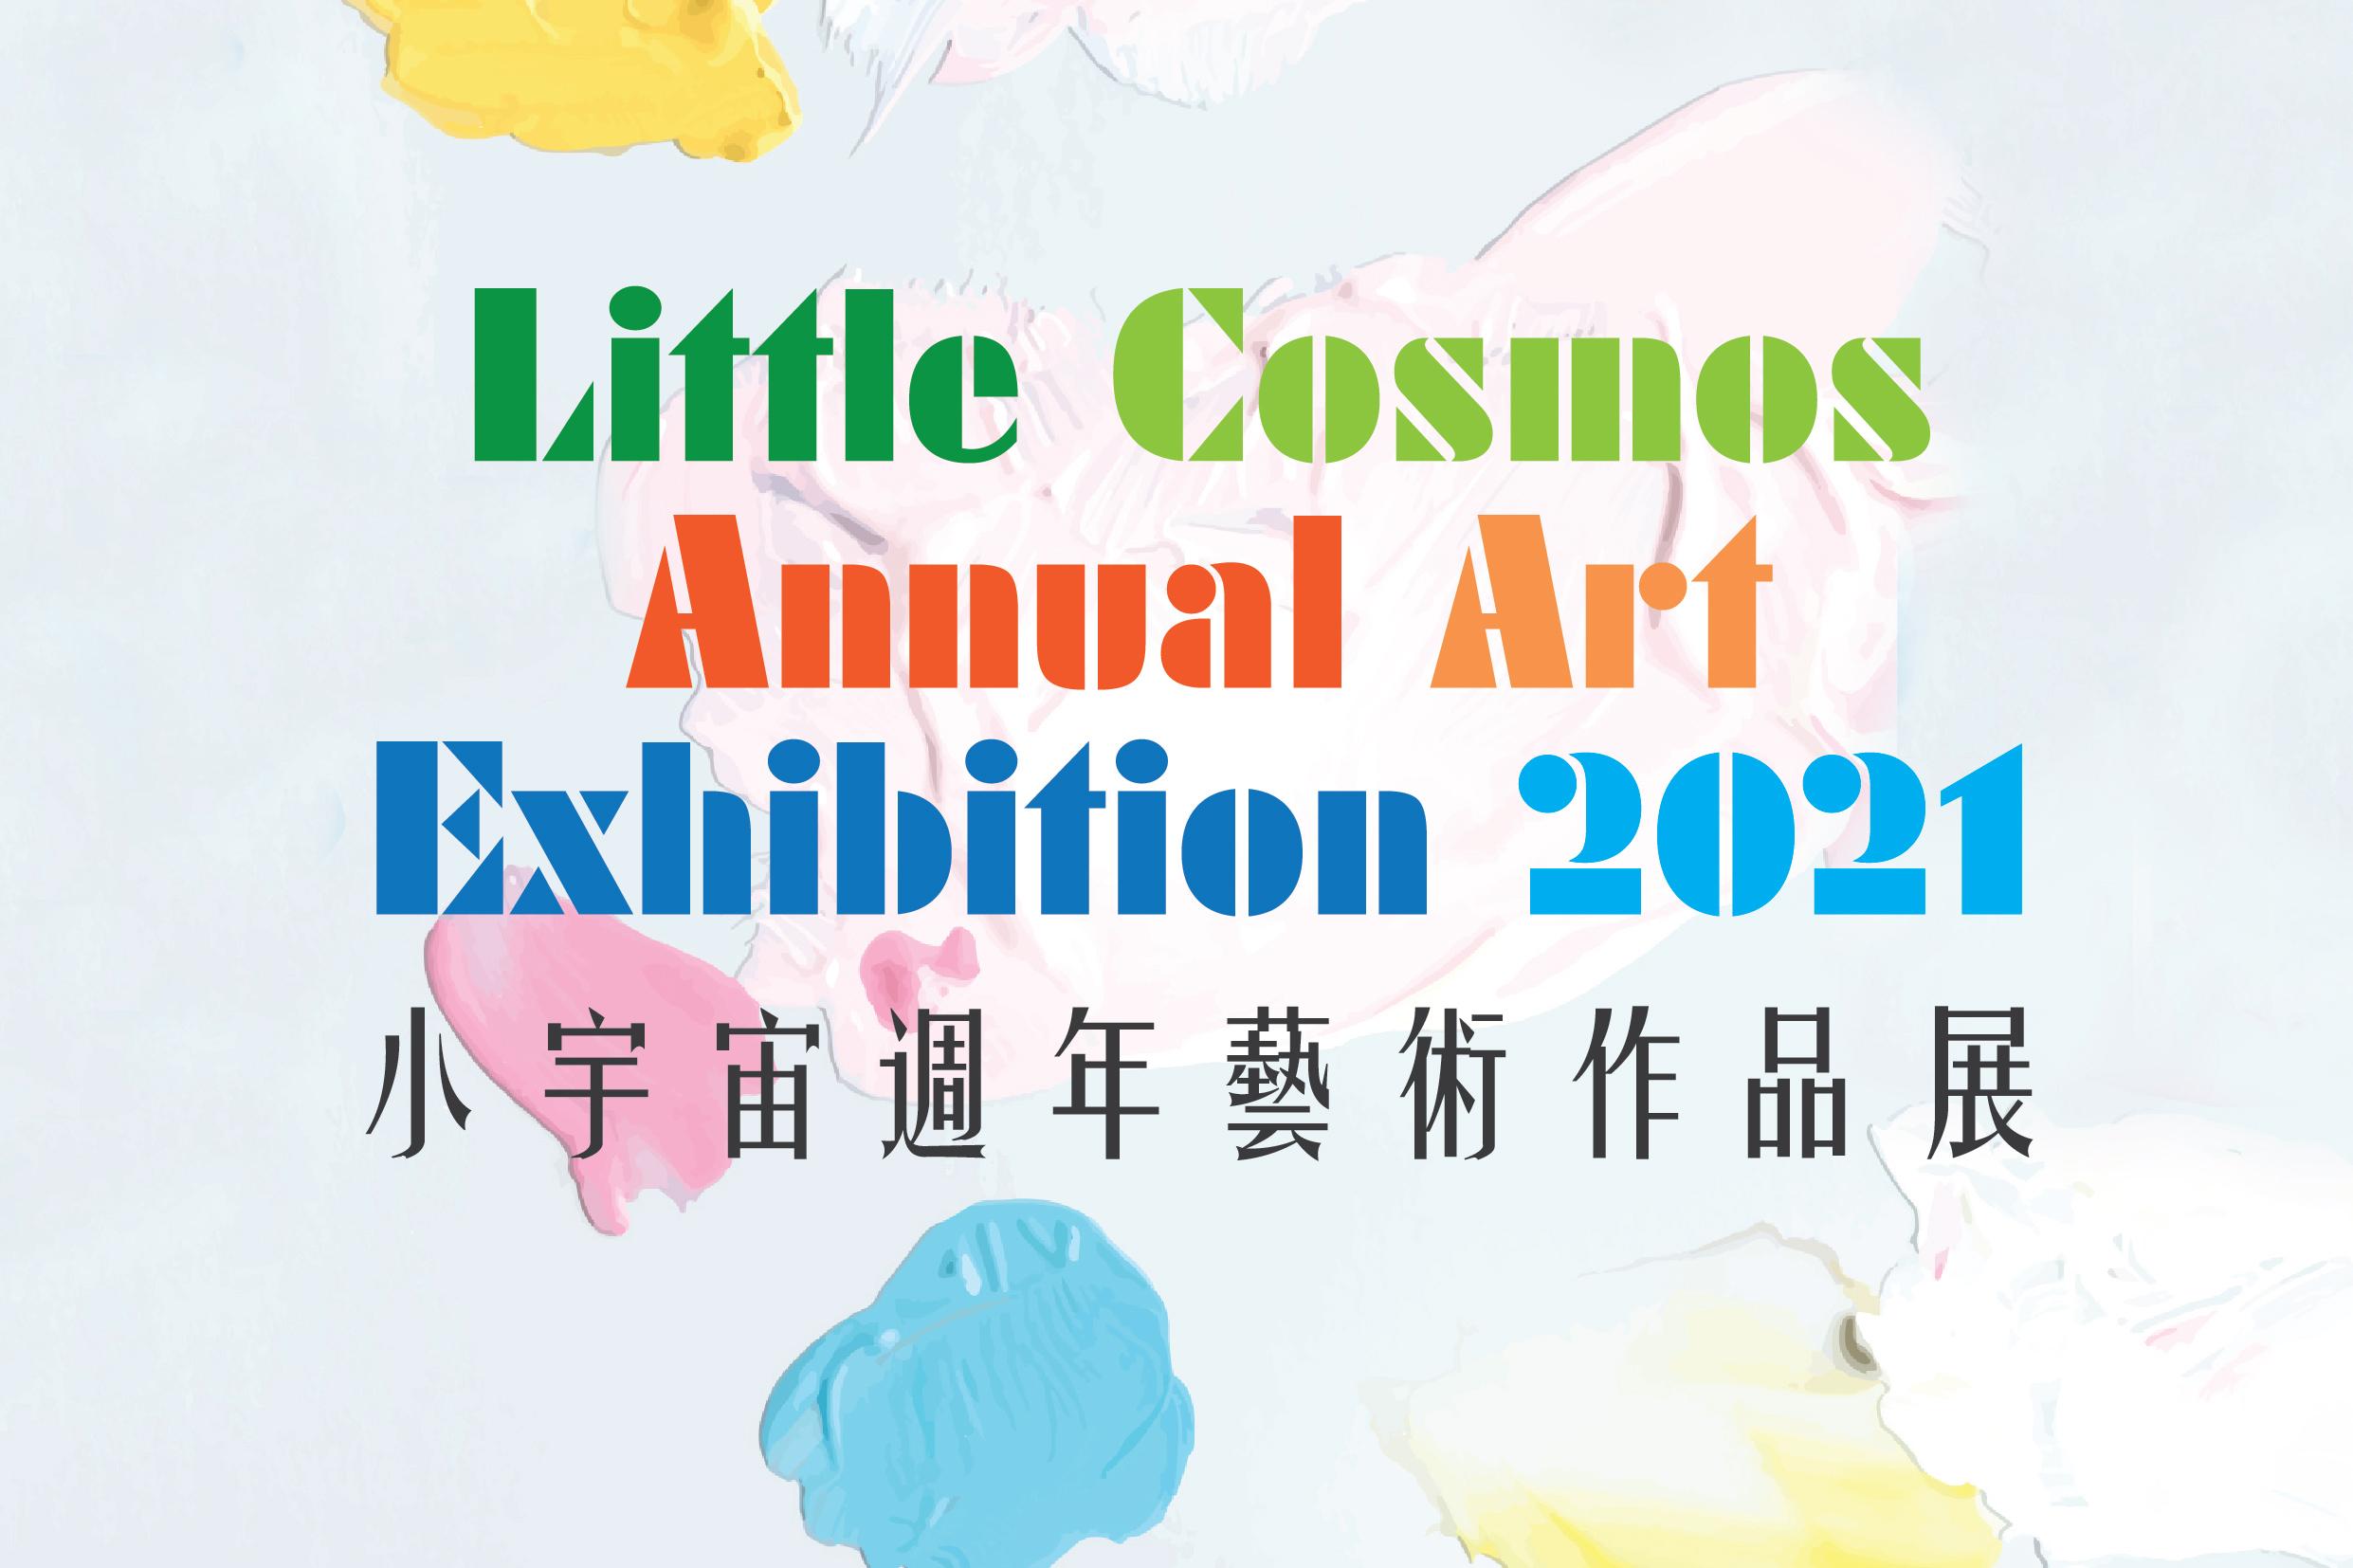 【20210624】小宇宙學生作品展覽‧週年藝術作品集2021